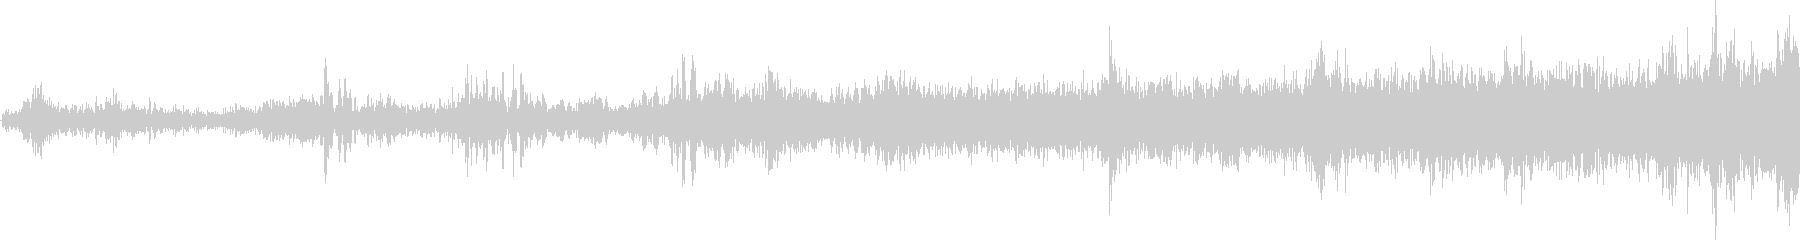 モノレール発車(車内で録音)の未再生の波形